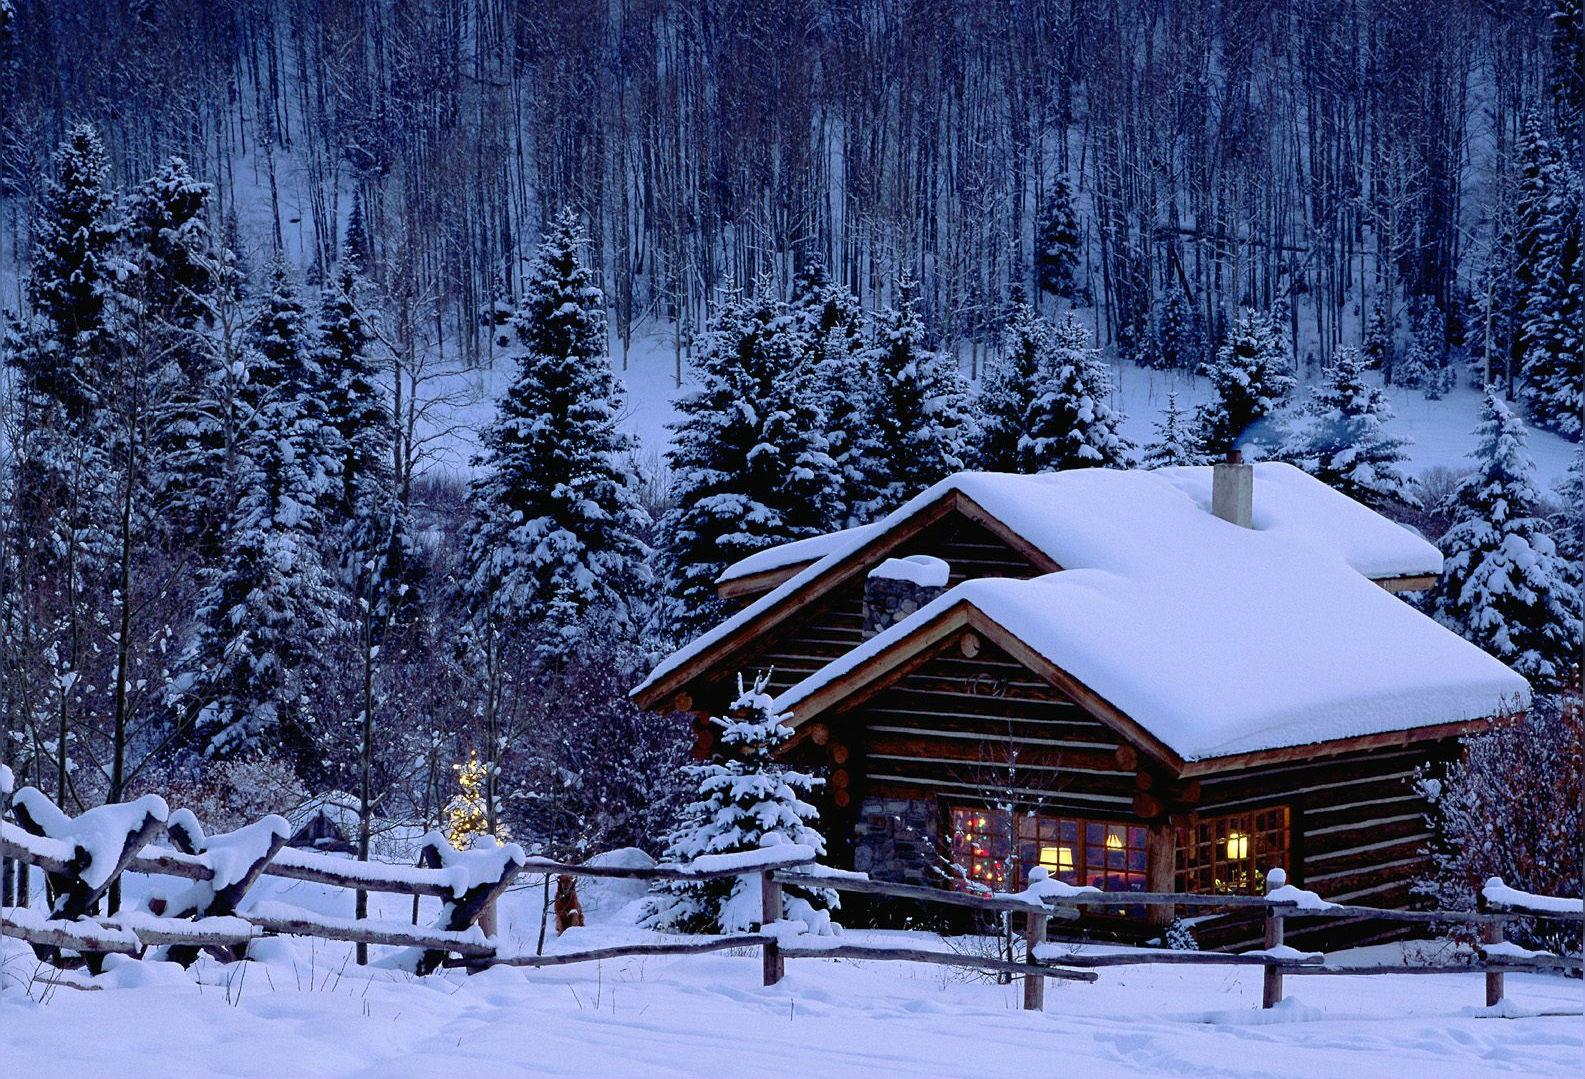 صورة صور فصل الشتاء , احلي الصور لاجمل فصول السنه انتعاشا